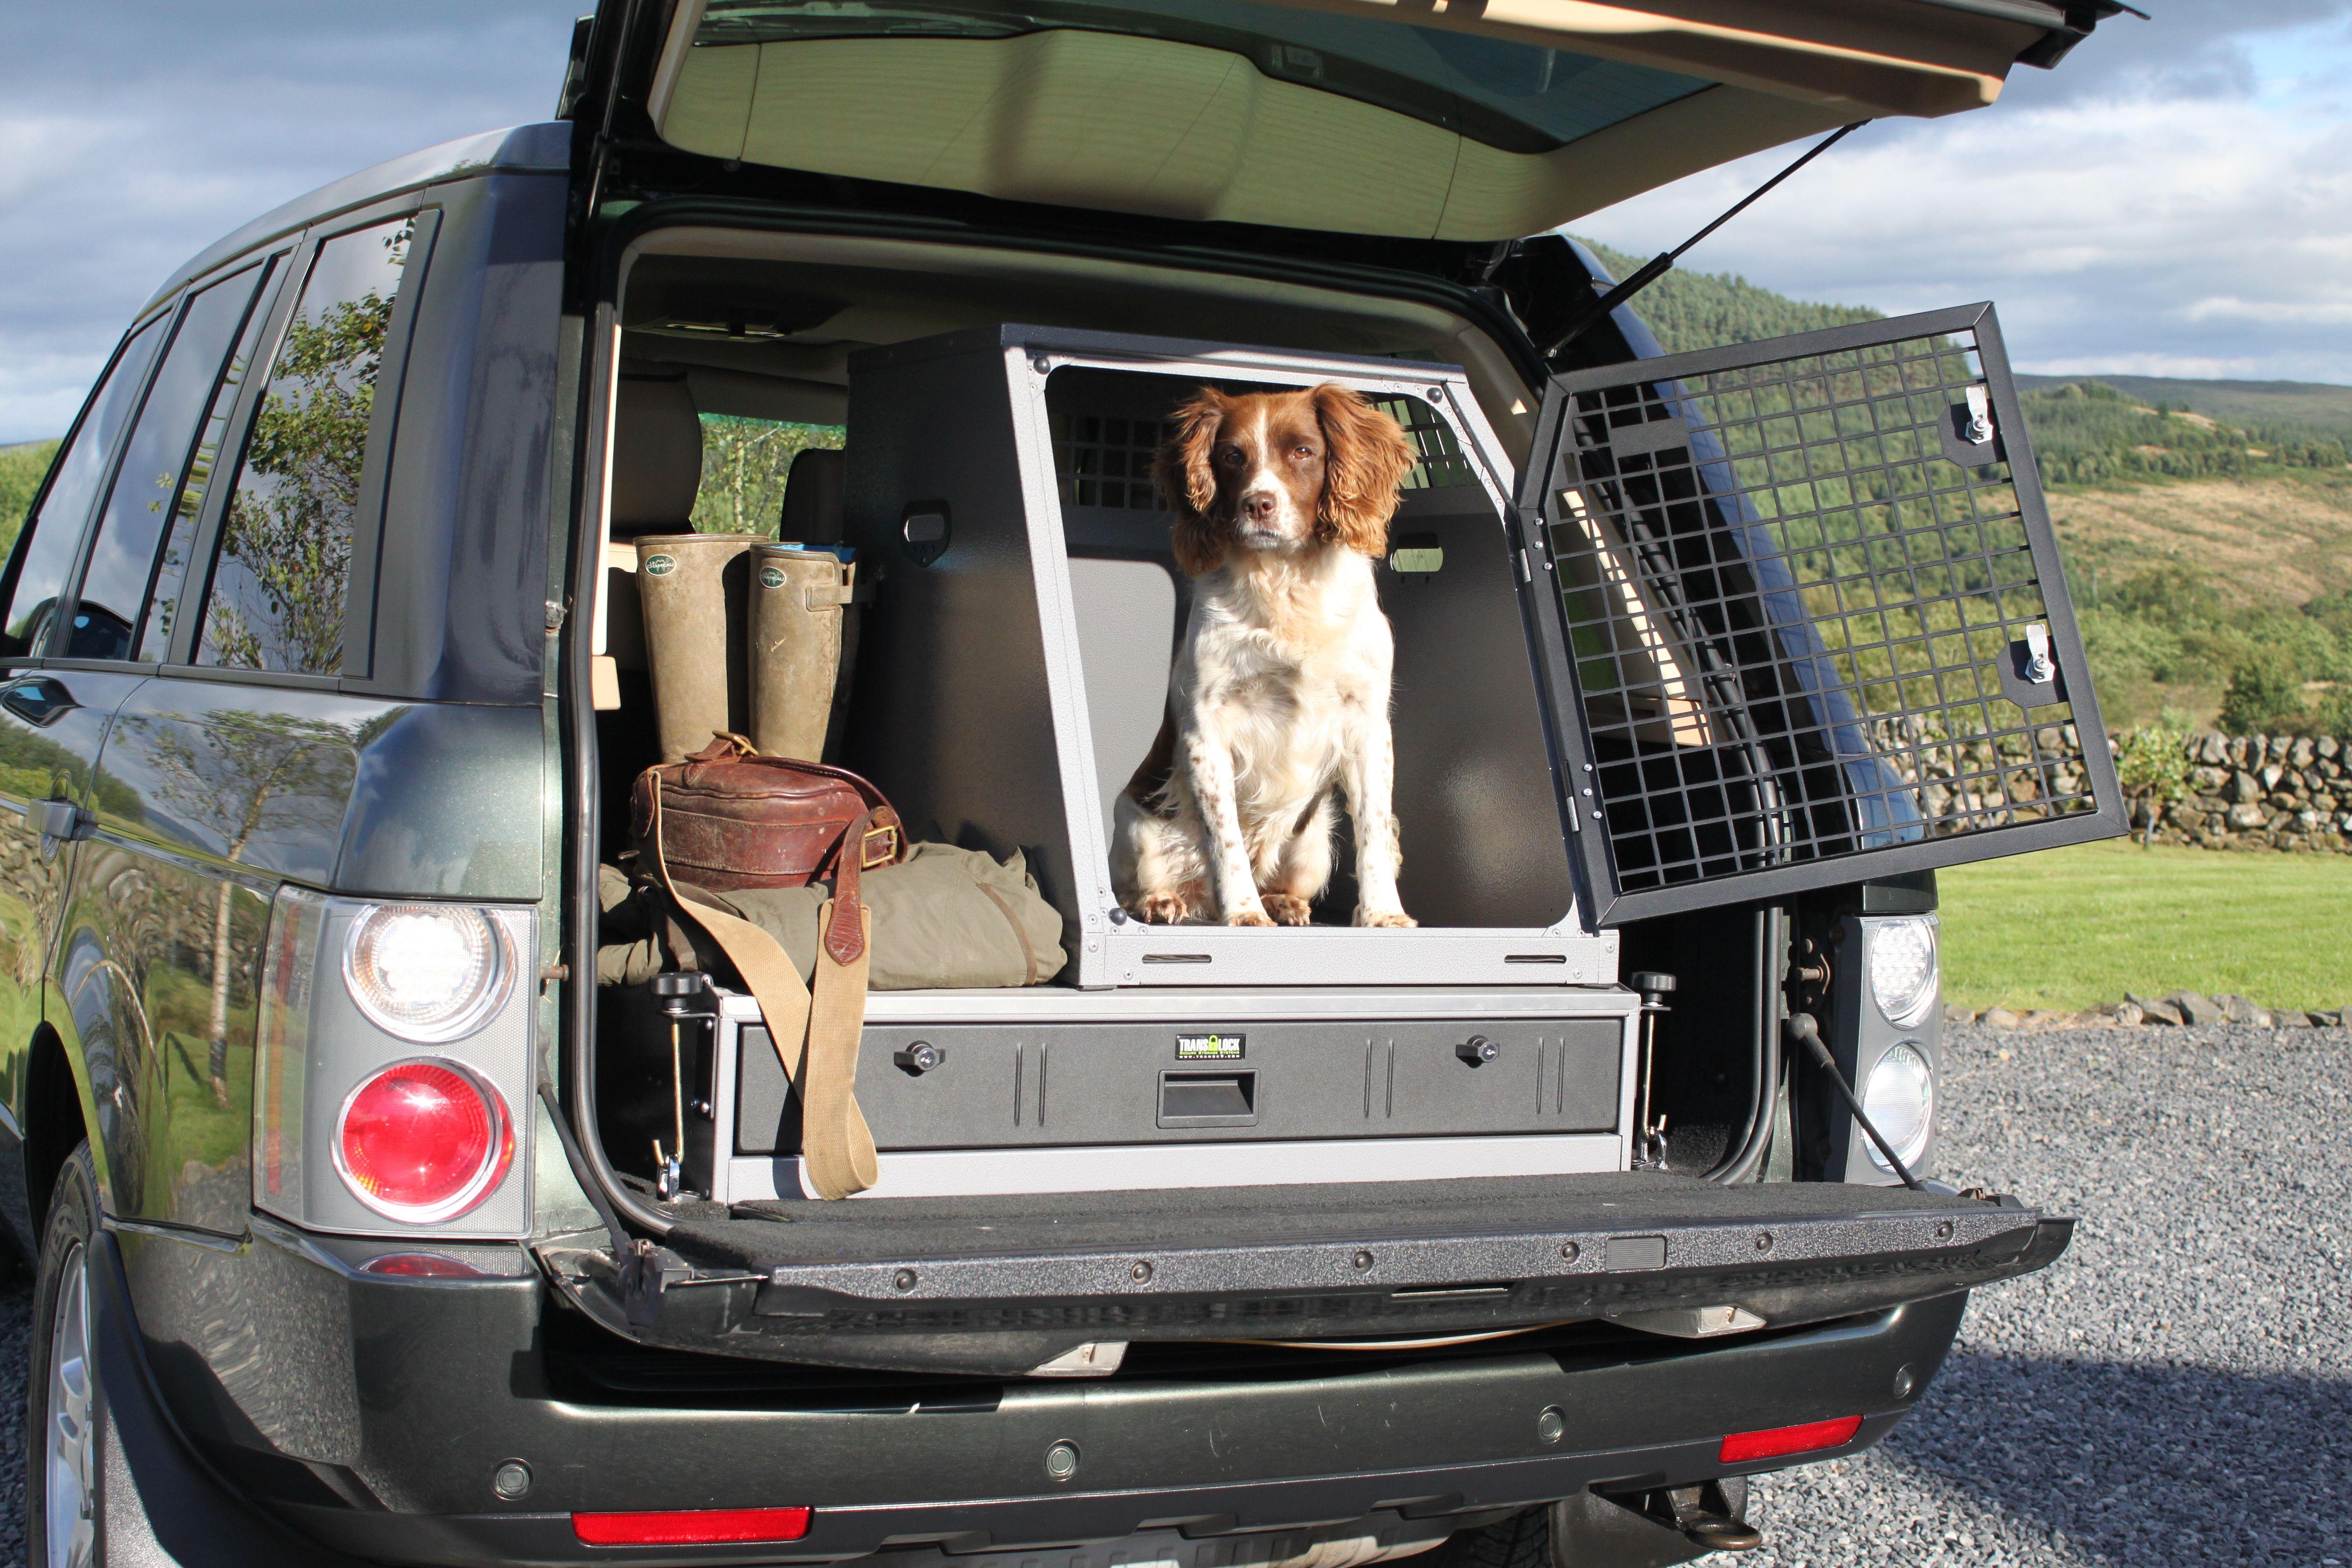 Transk9  Btl1 Secure Storage Unit With Transk9  B23 Dog